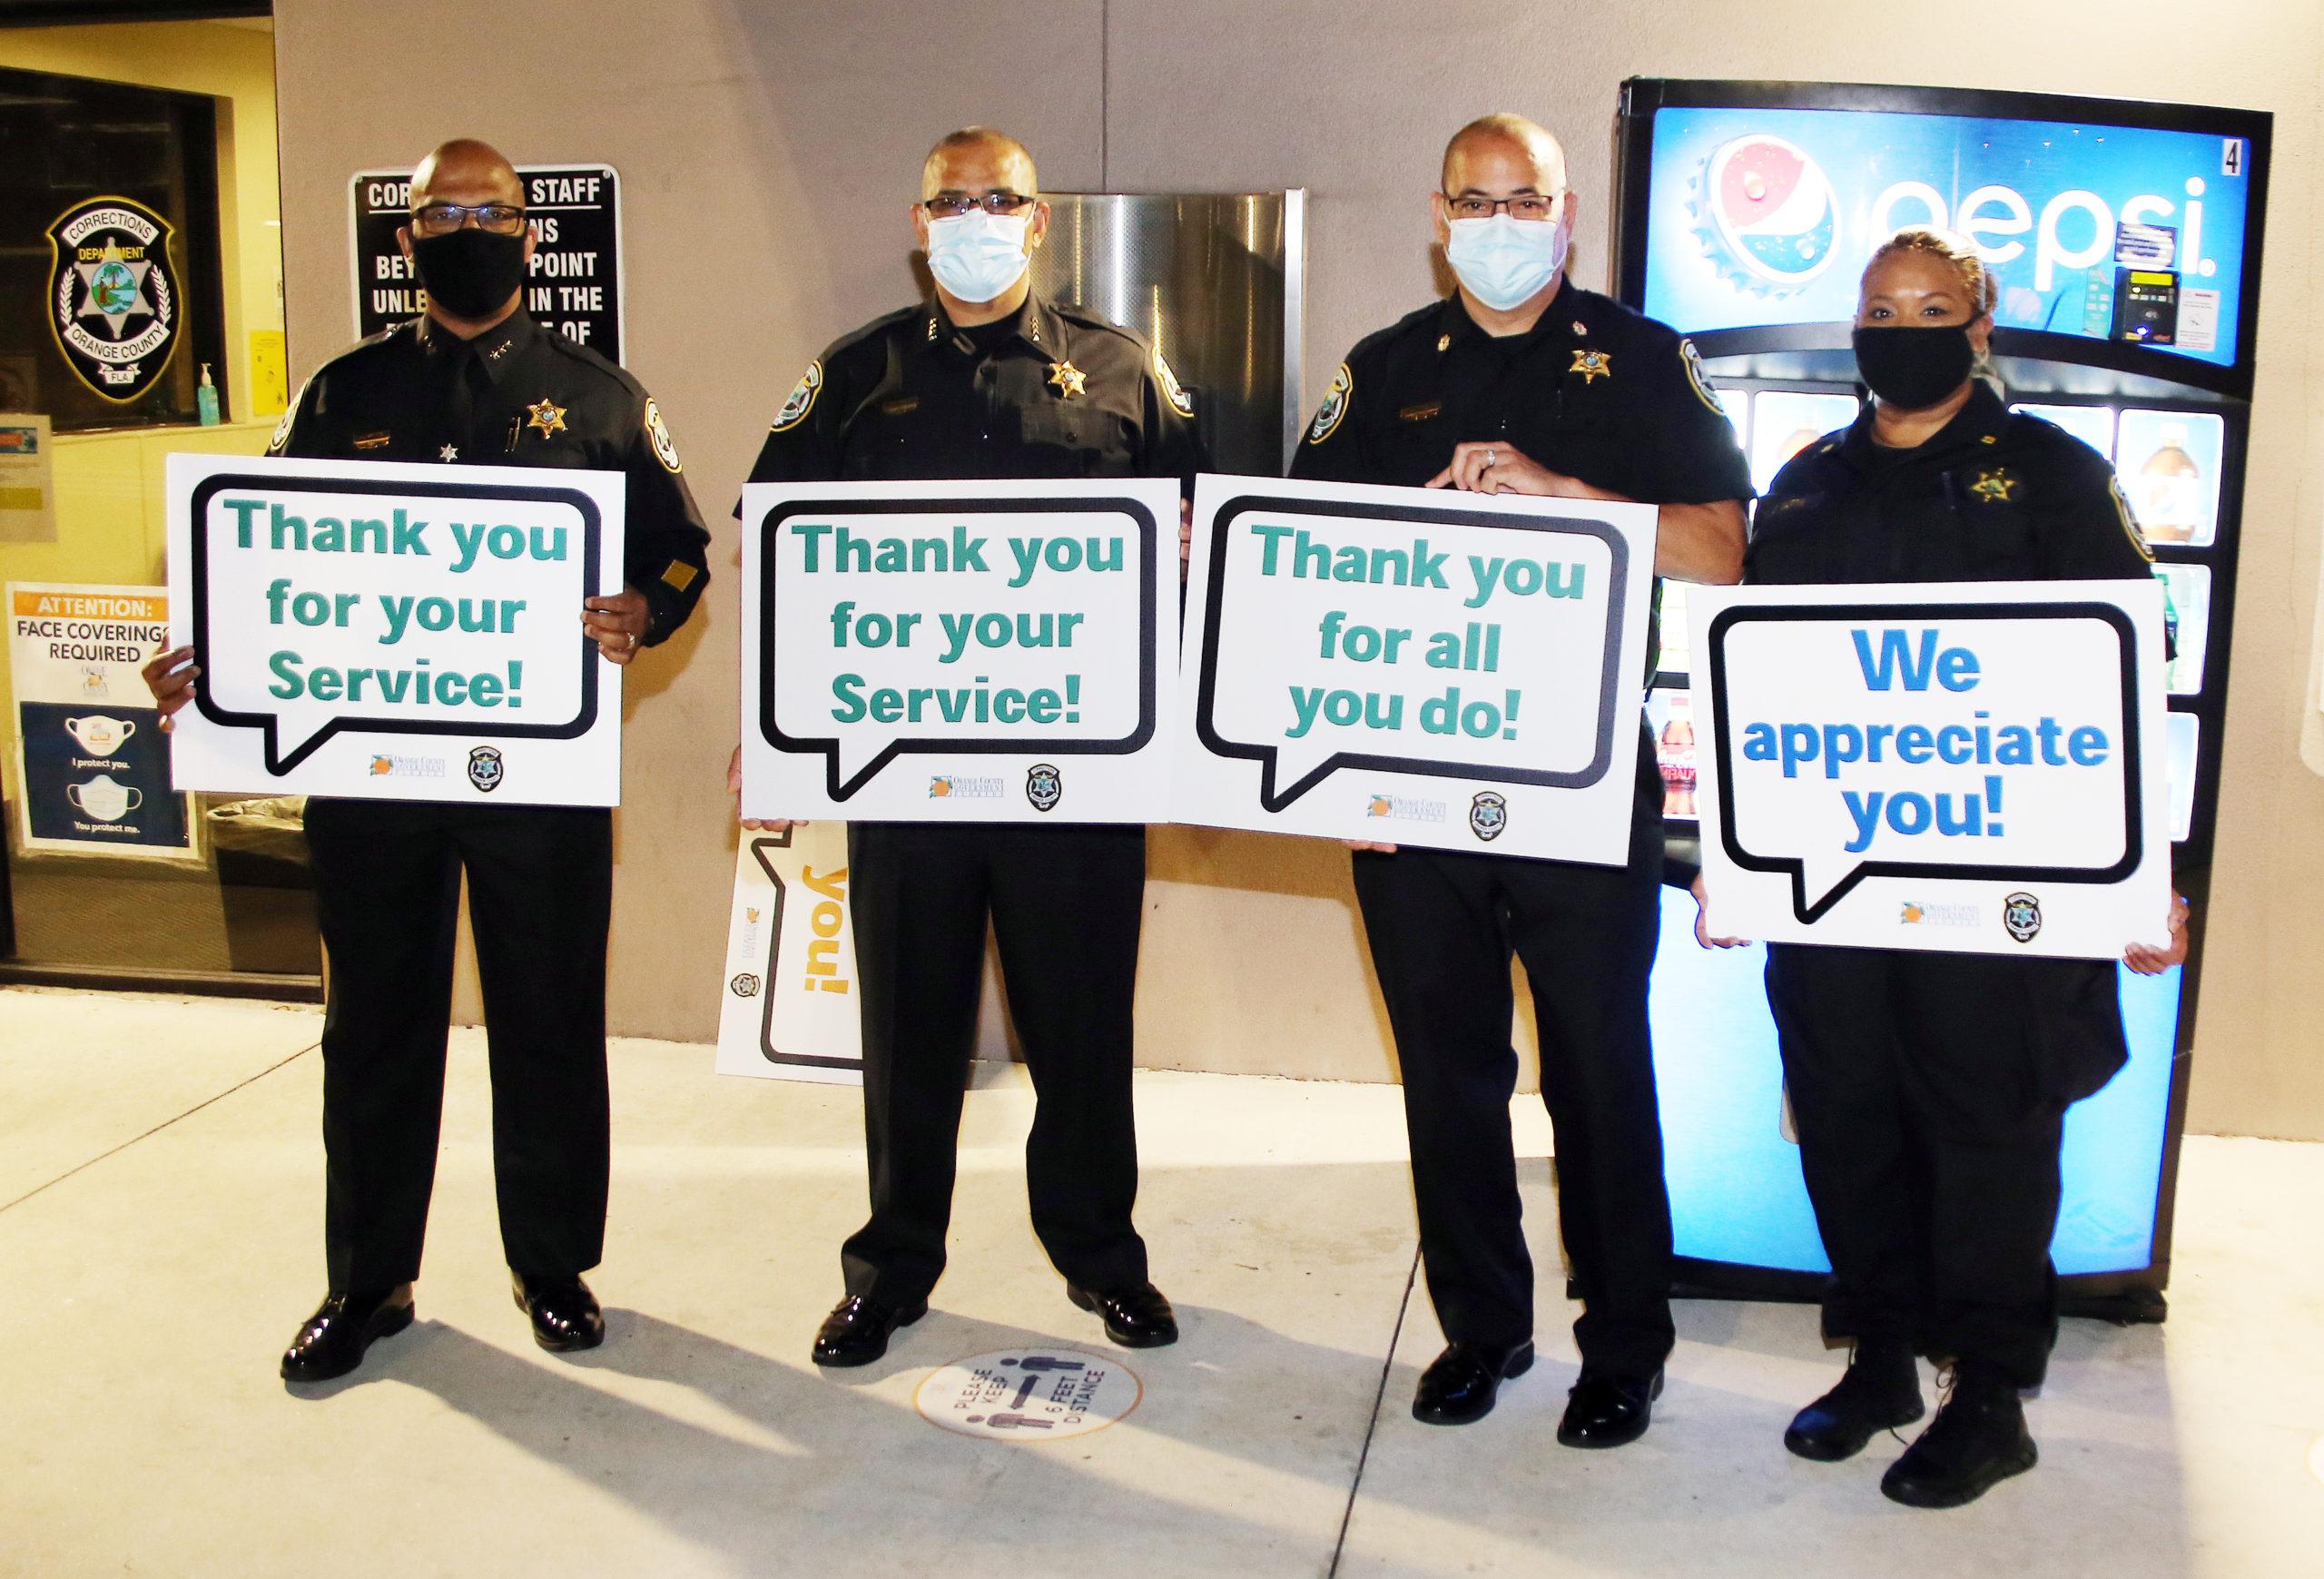 Los encargados de darles la bienvenida sostienen carteles de agradecimiento por la Semana Nacional de los Oficiales y Empleados de Correccionales